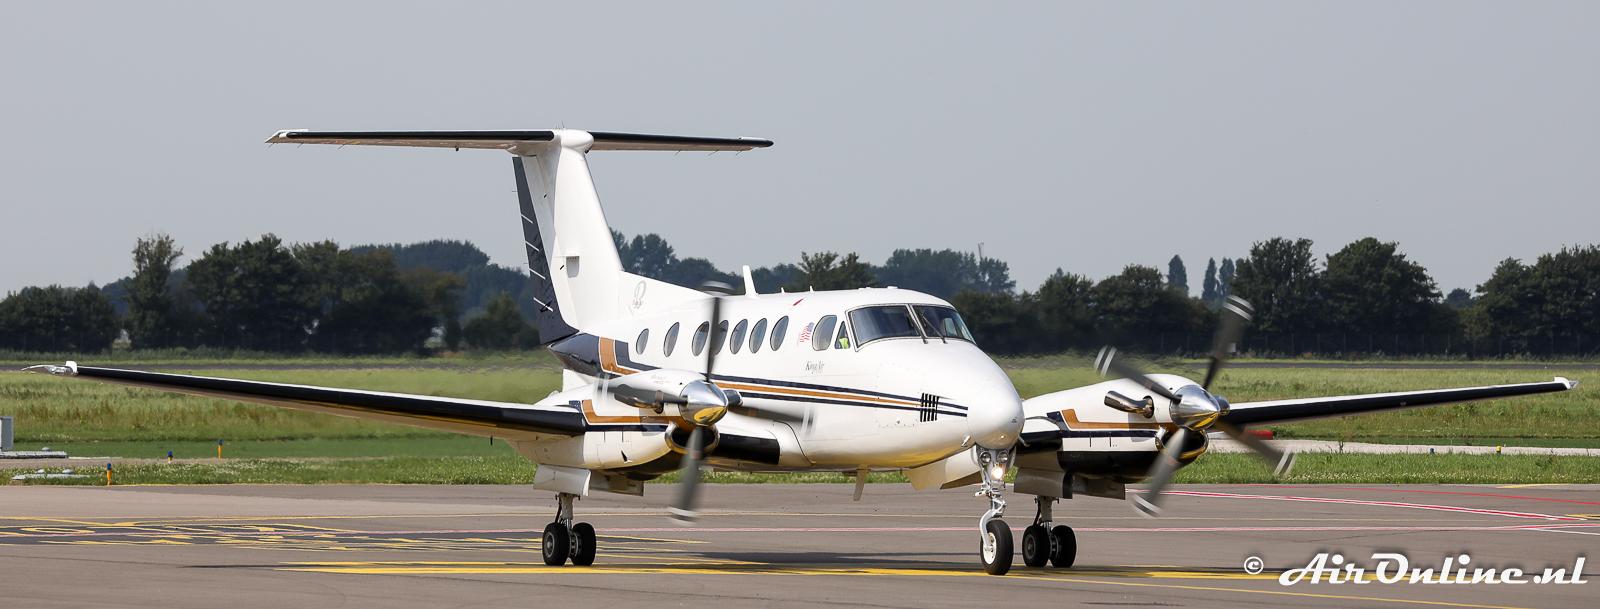 Vierde Beech King Air overgevlogen naar Nederland